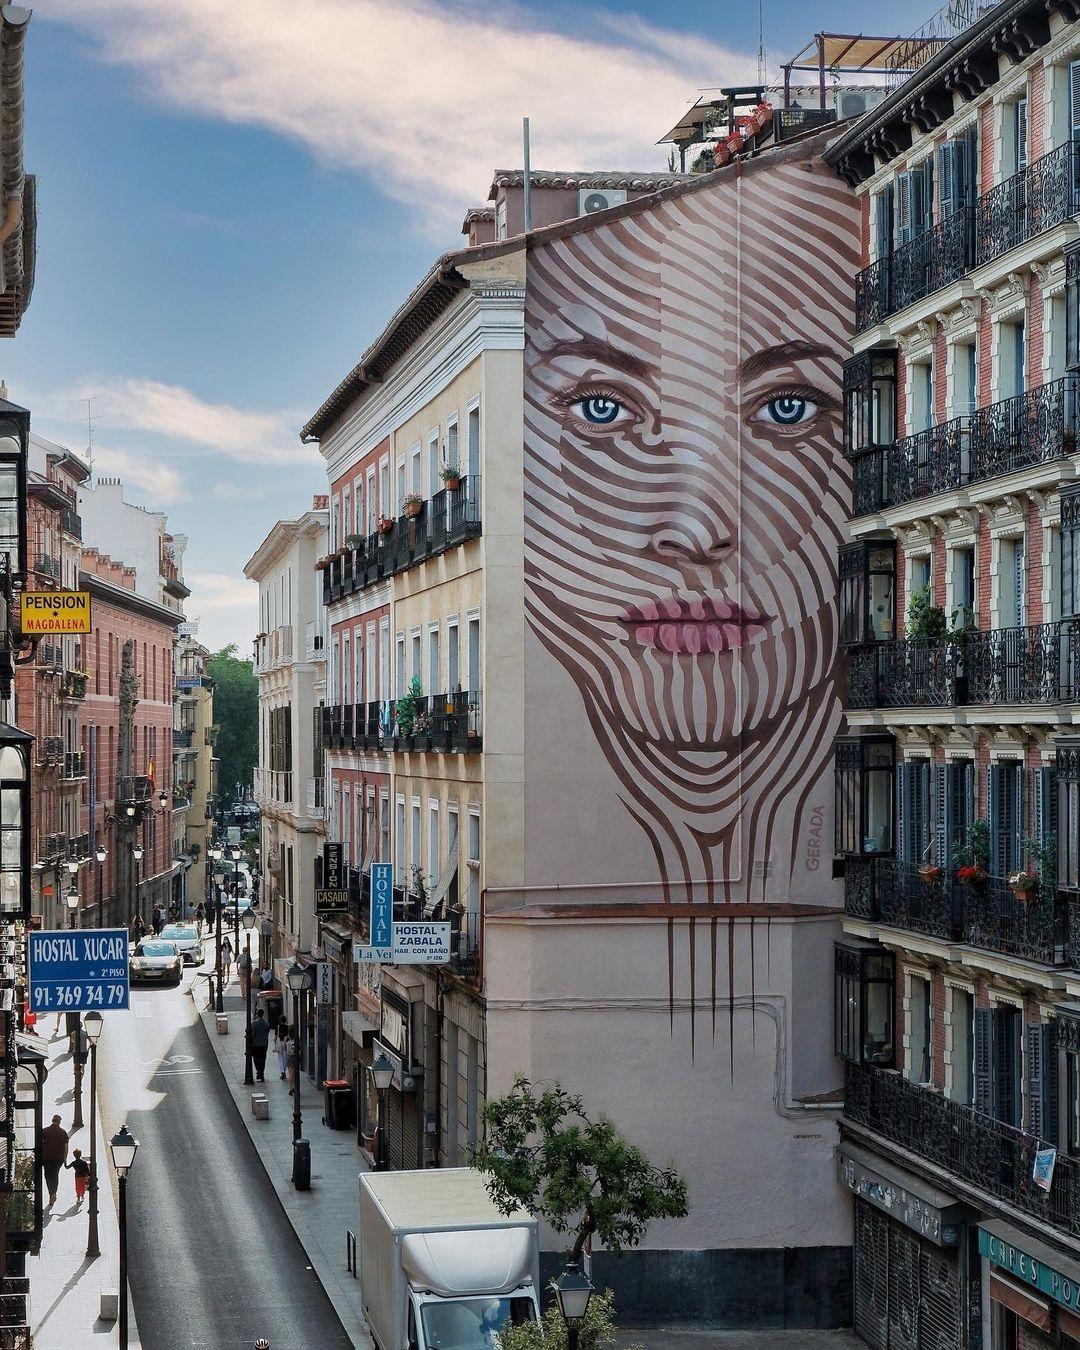 Jorge Rodríguez-Gerada @ Madrid, Spain